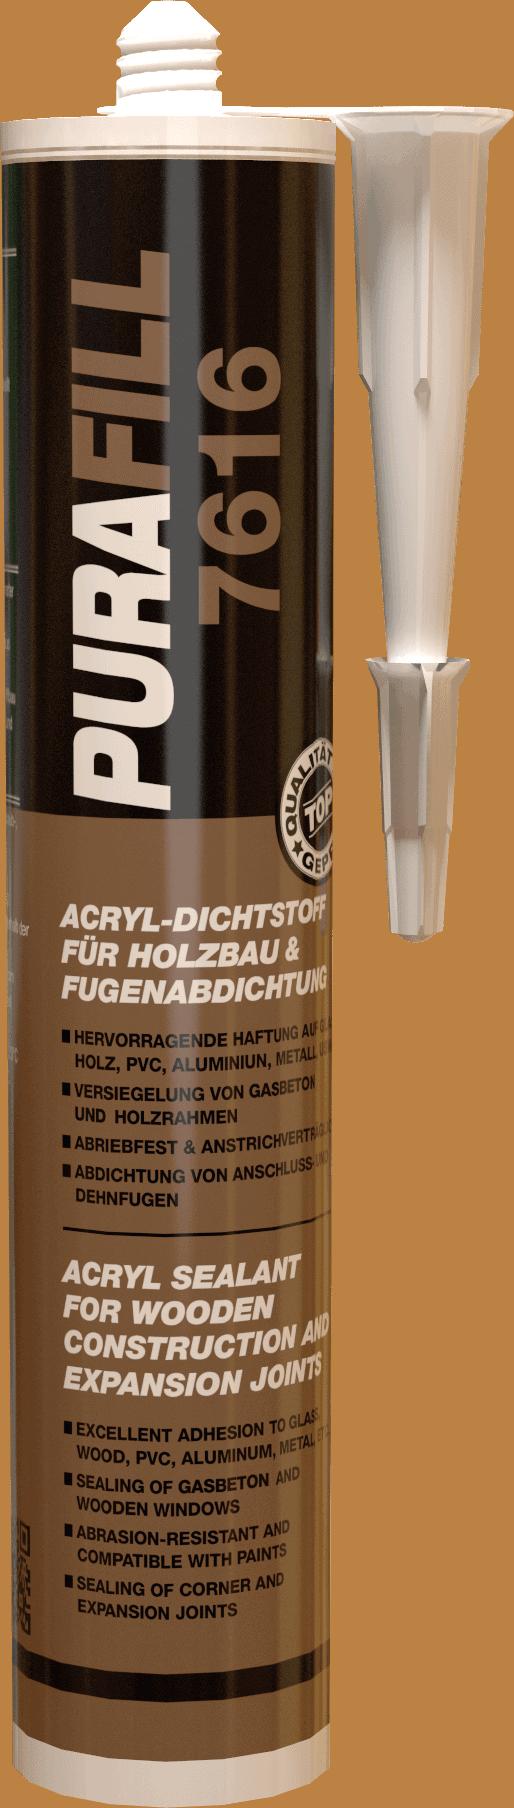 Gut bekannt PURAFILL 7616 - Acryl-Dichtstoff für Holzbau und Fugenabdichtung WW07